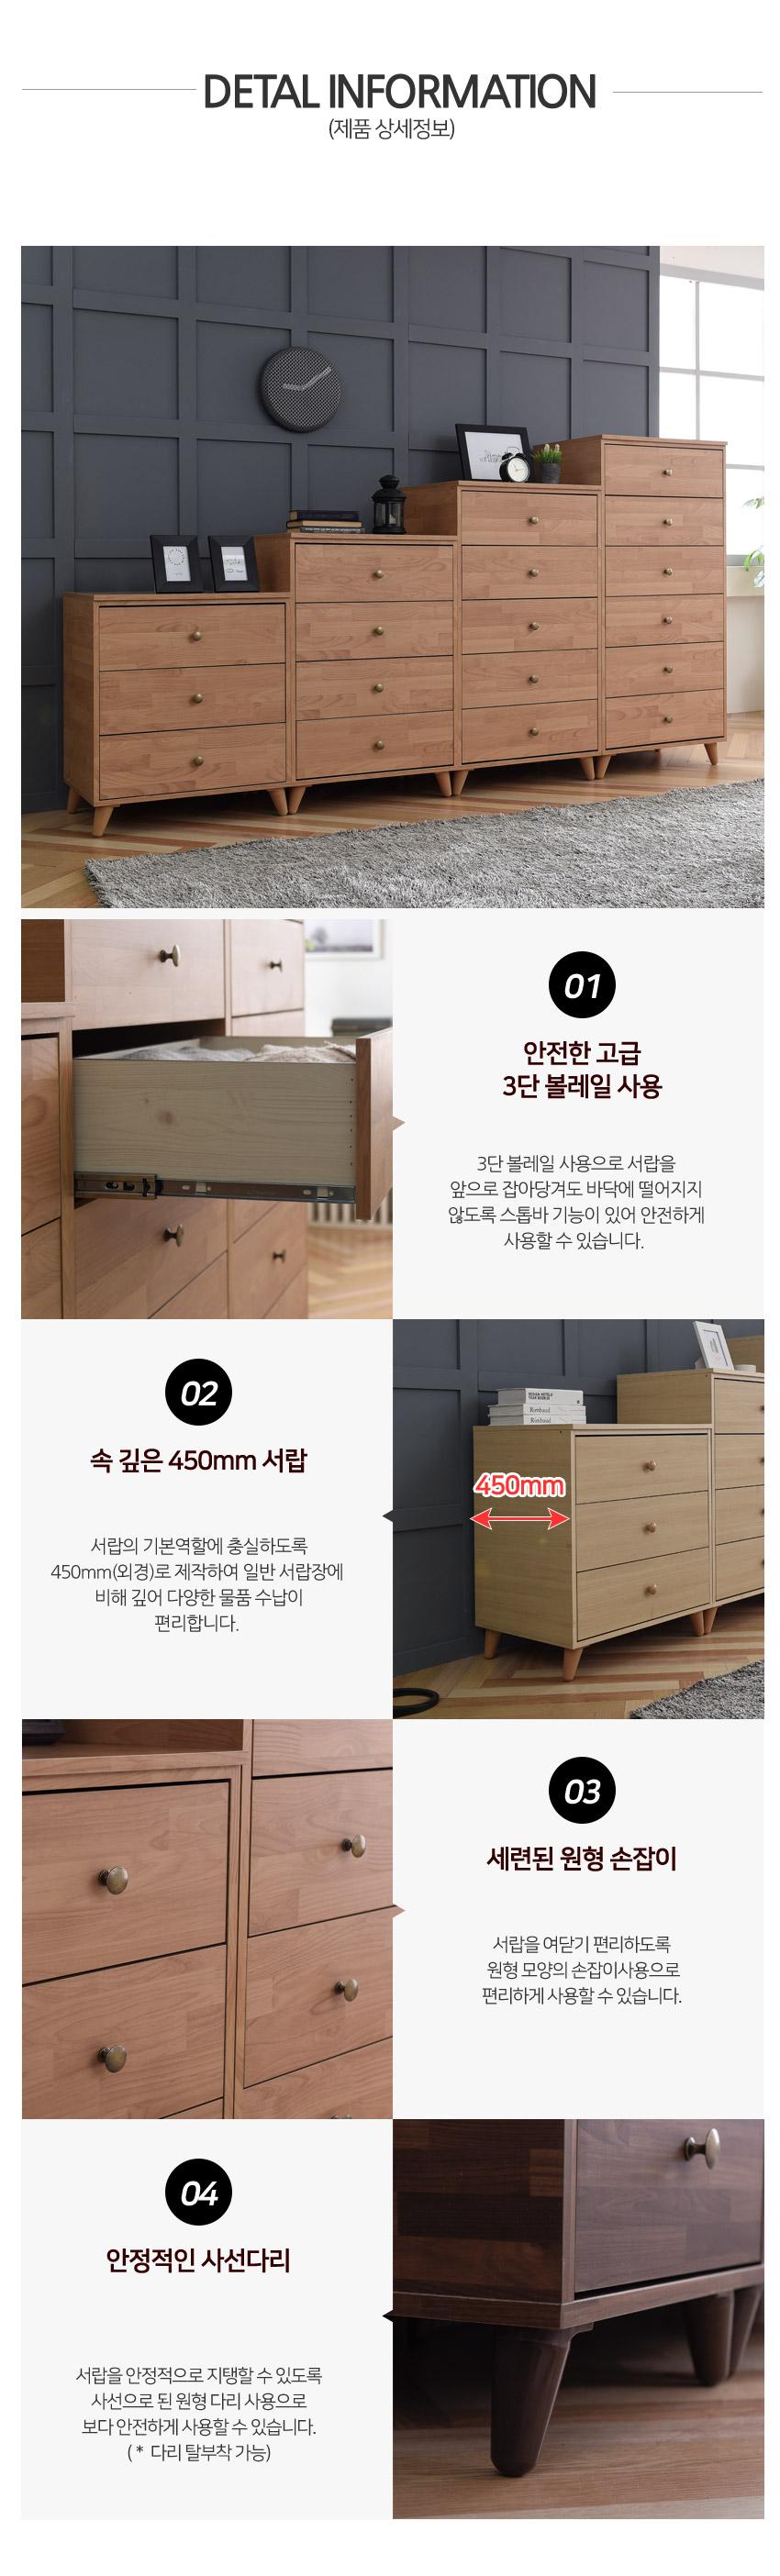 멀티 600 4단 서랍장 - 히트디자인, 167,500원, 협탁/서랍장, 서랍장